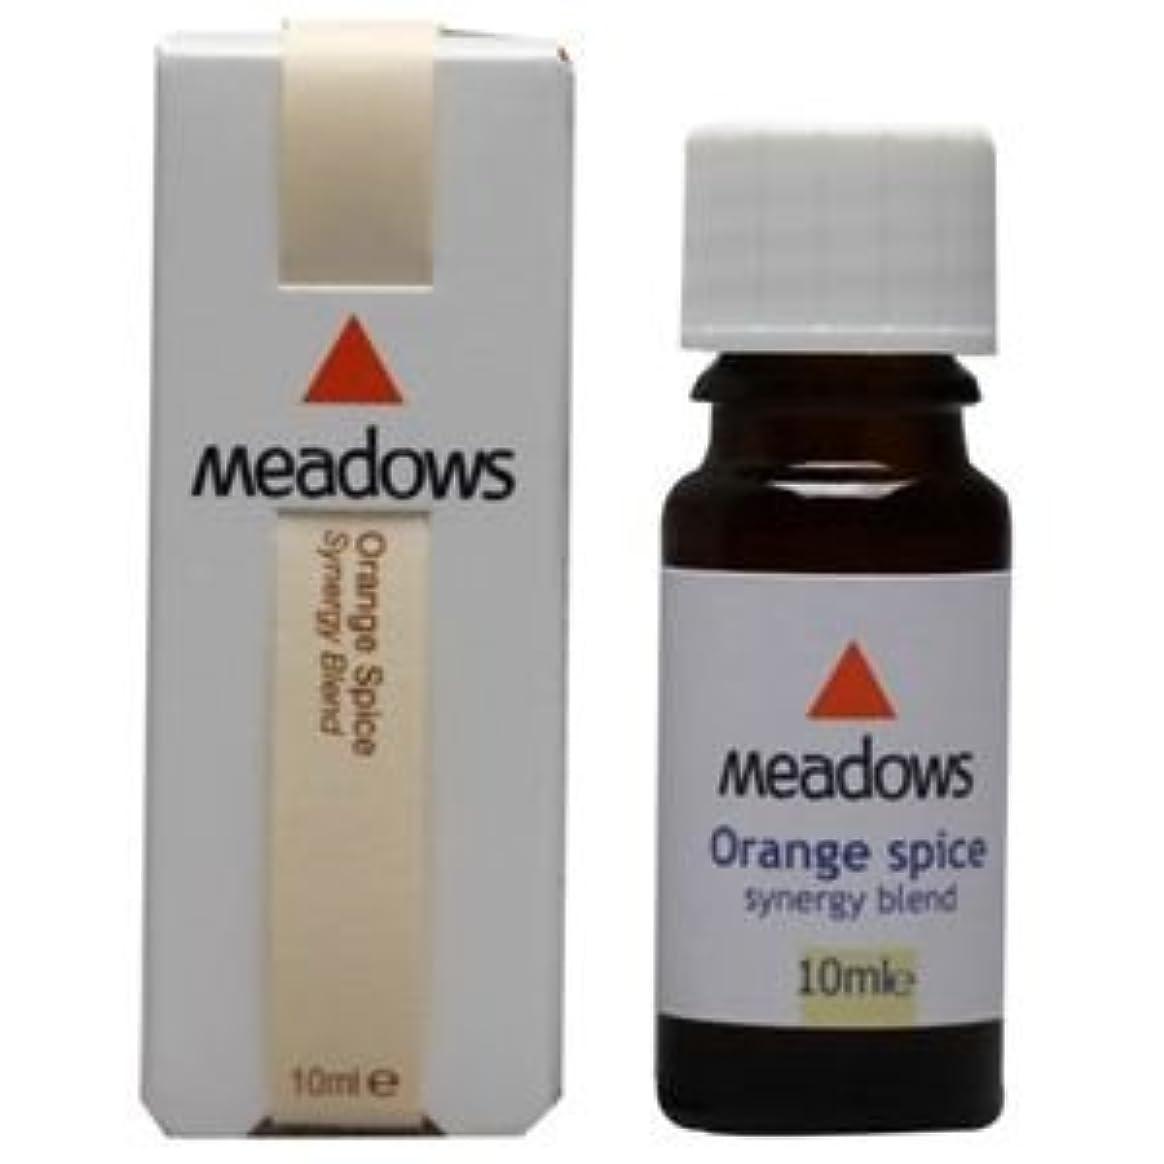 下位それにもかかわらず追い出すメドウズ オレンジスパイス 10ml アロマエッセンス